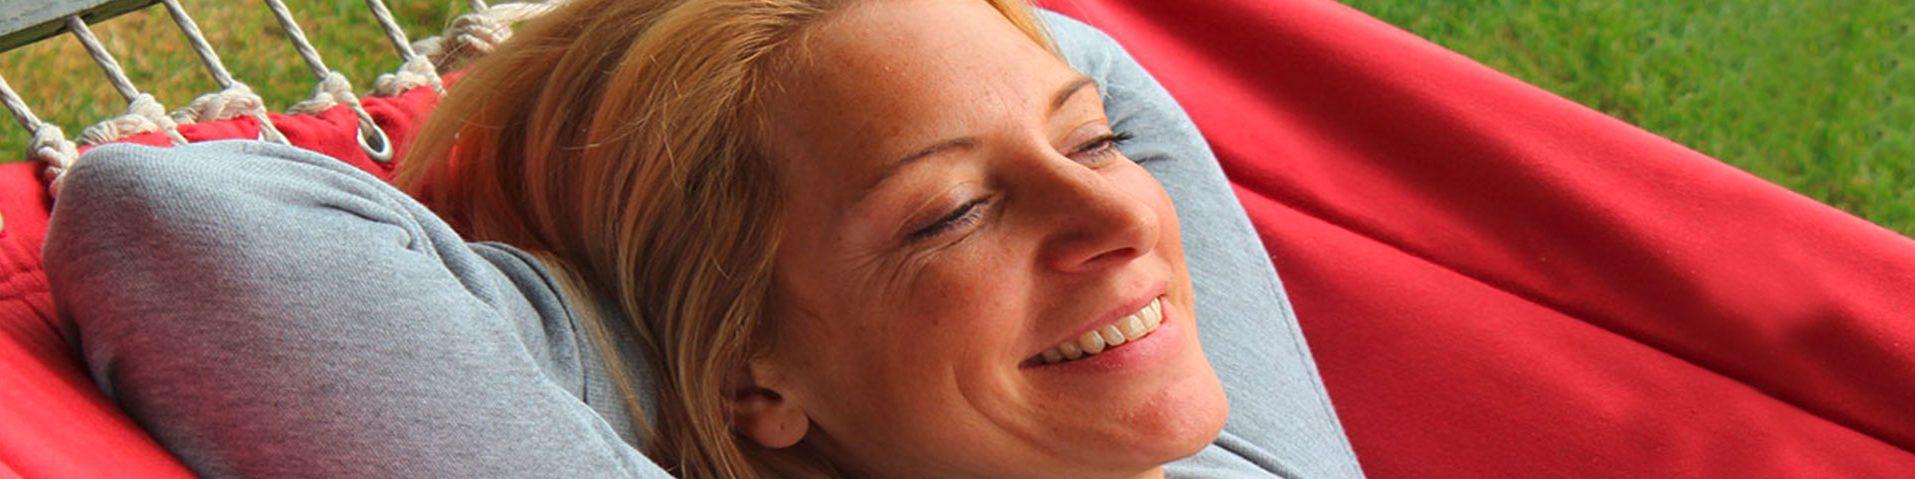 Frau entspannt in der Hängematte